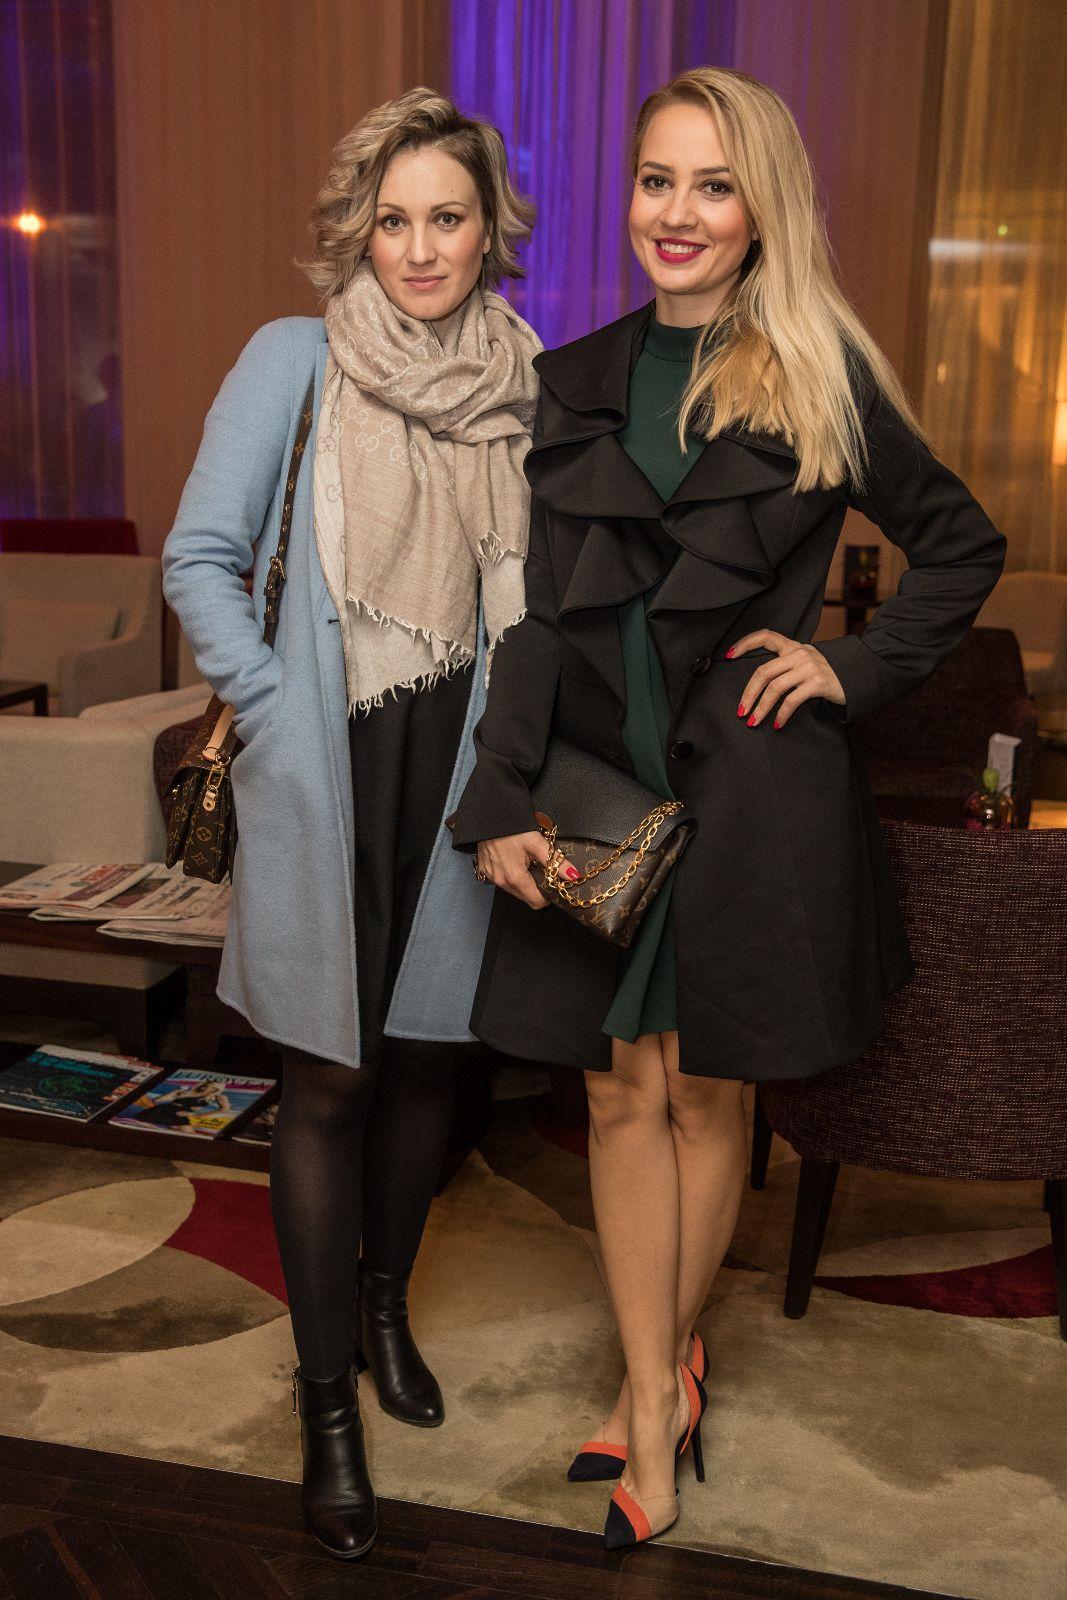 Na akciu sa prišla pozrieť aj moderátorka Barbora Rakovská s tehotnou kamarátkou.